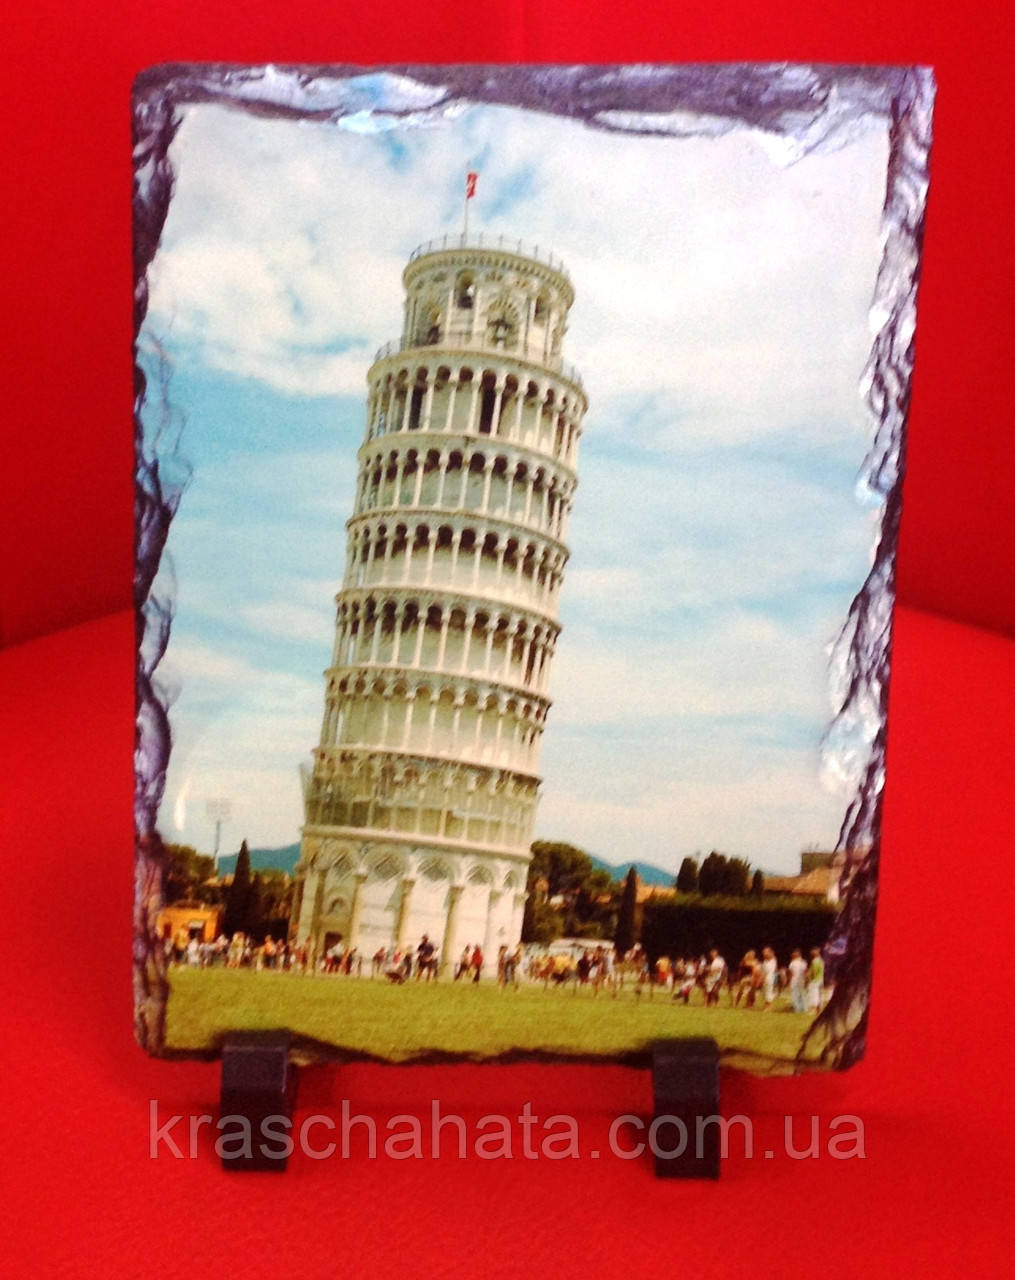 Картинка на камне, Пизанская башня, Подарки для туристов, Днепропетровск